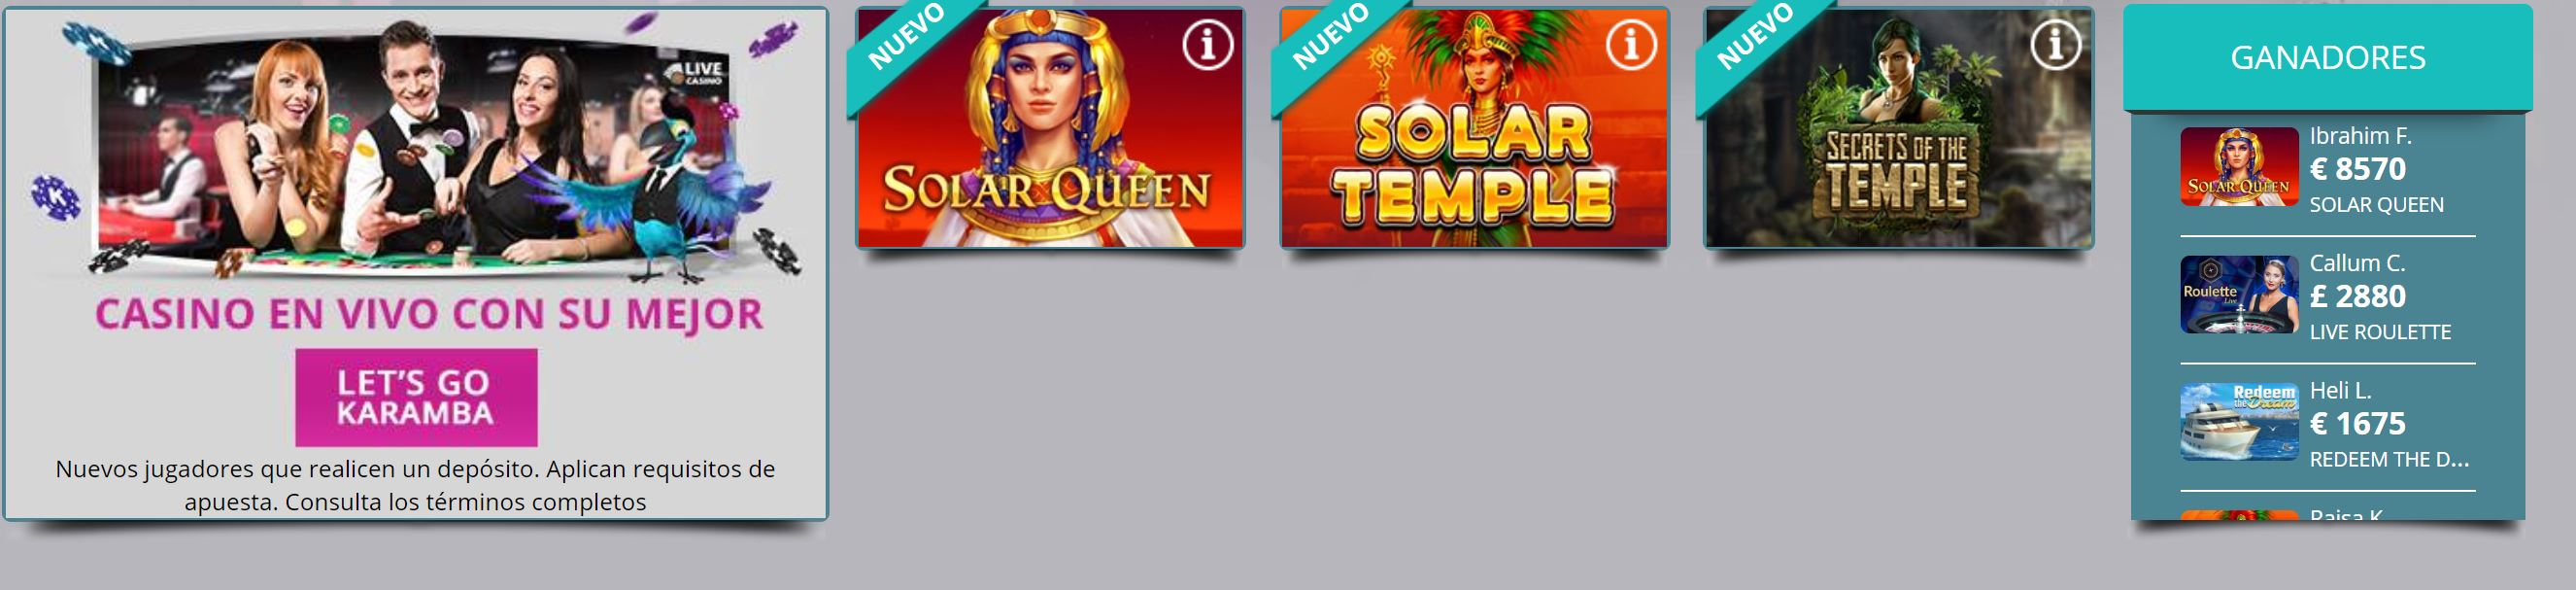 Este casino ofrece excelentes bonos de bienvenida a sus usuarios.